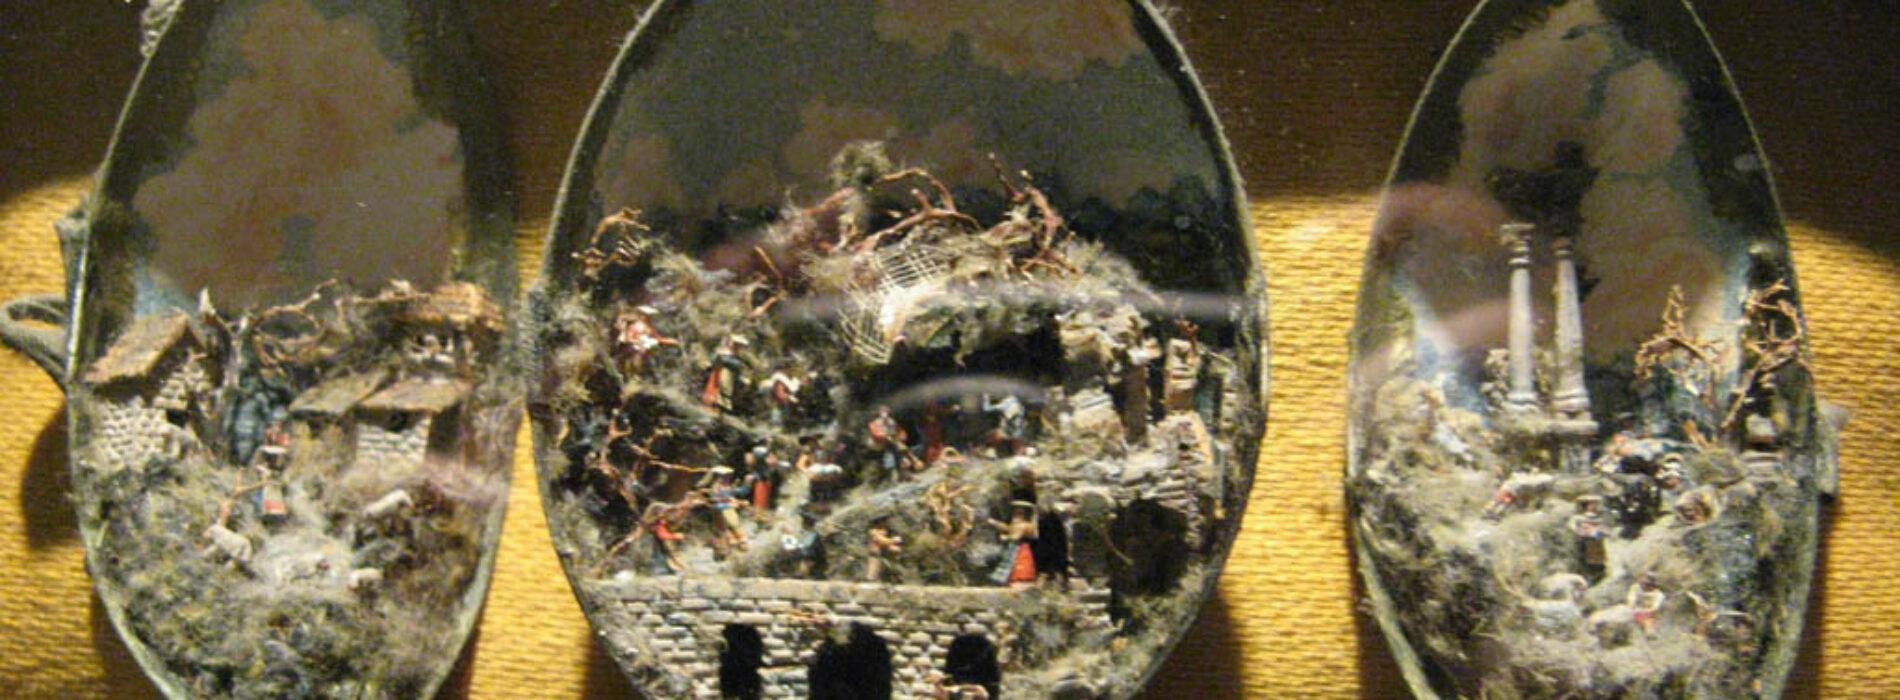 Uovo di Natale, il presepe in guscio alla Certosa di San Martino